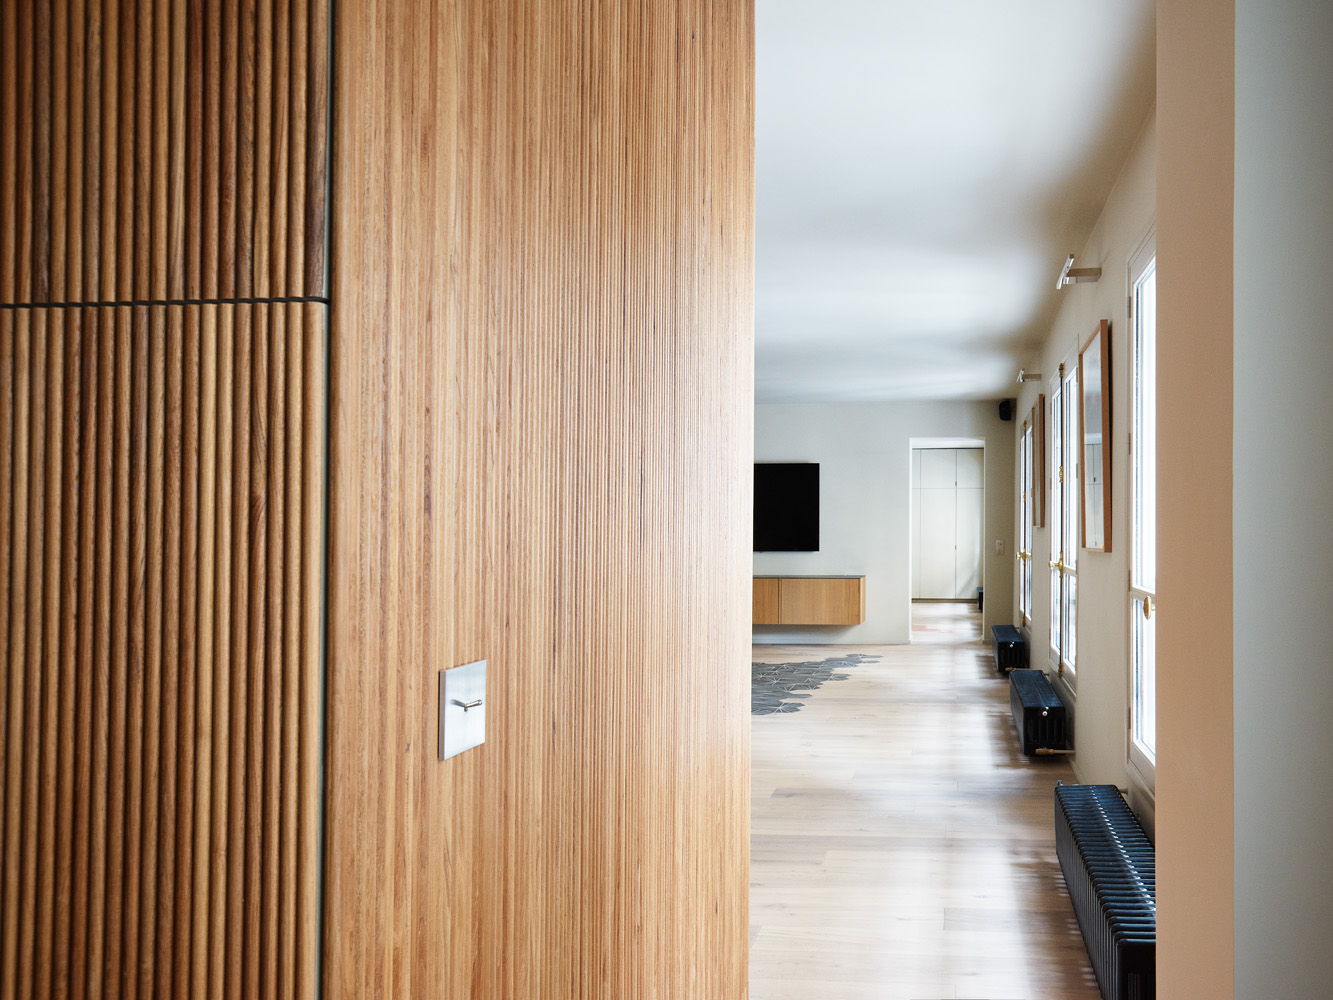 cent15_architecture_bureaux_bois_huile_paris_design_peinture_fondation